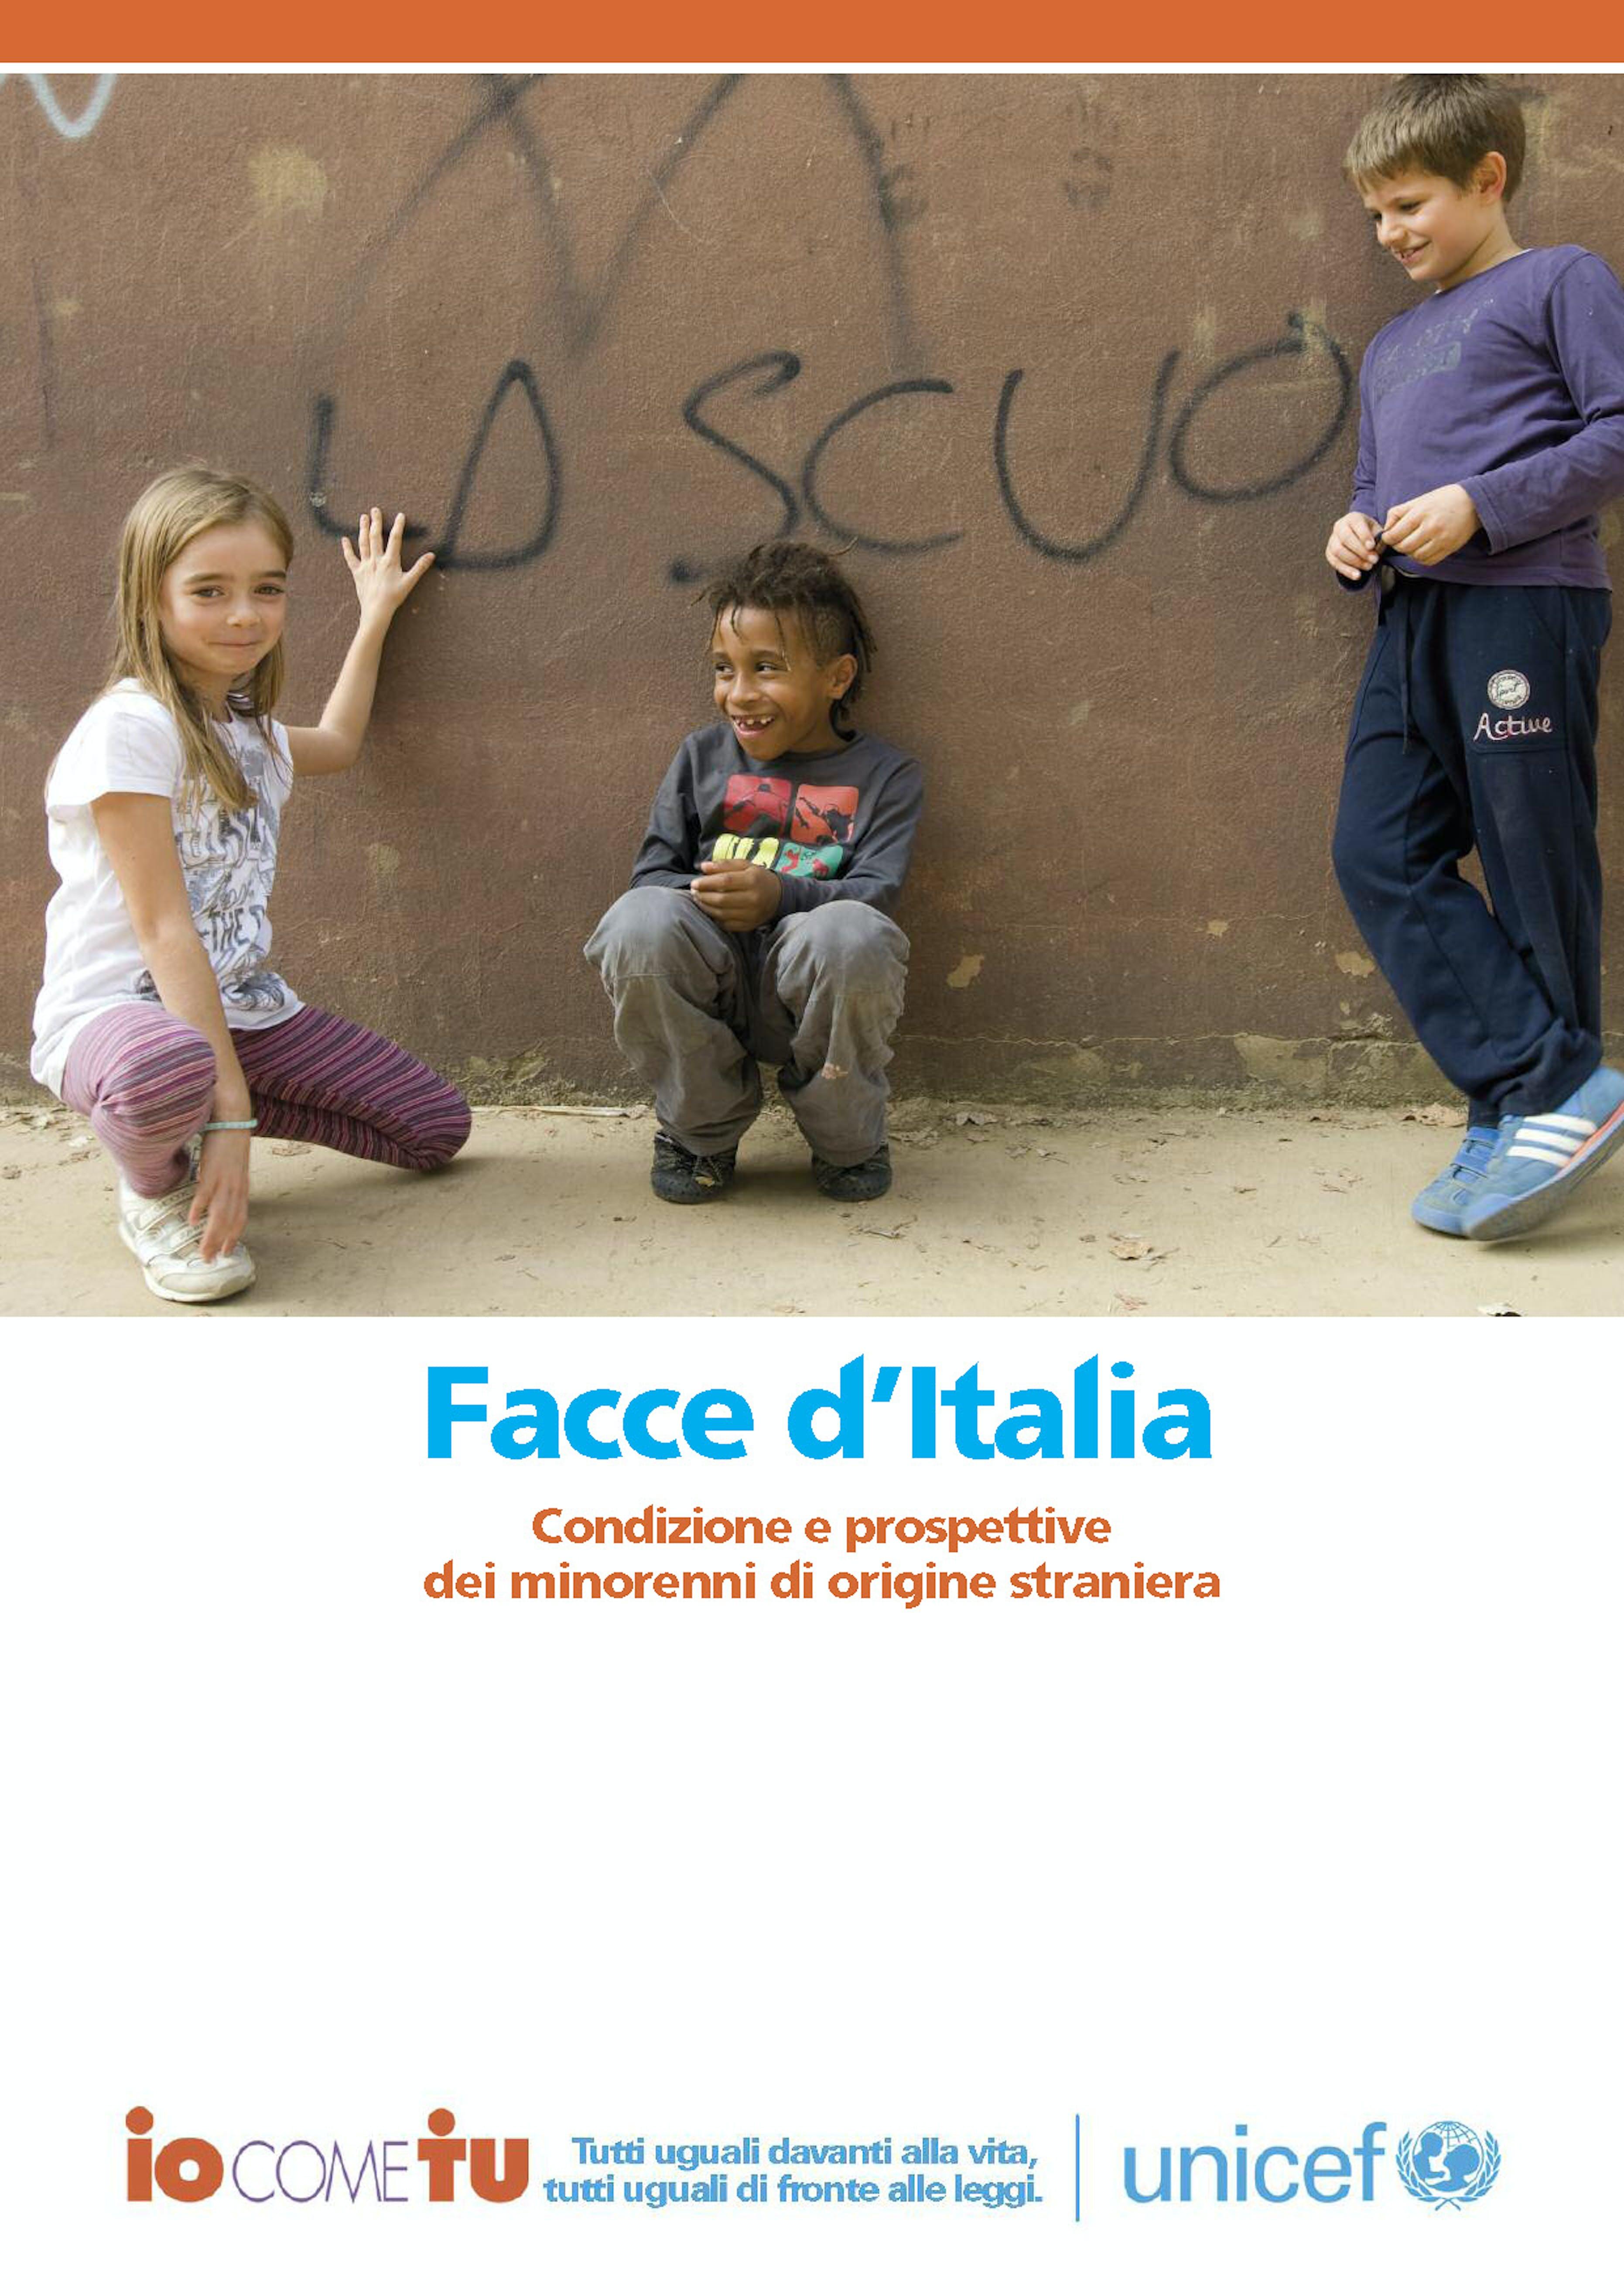 FACCE D'ITALIA